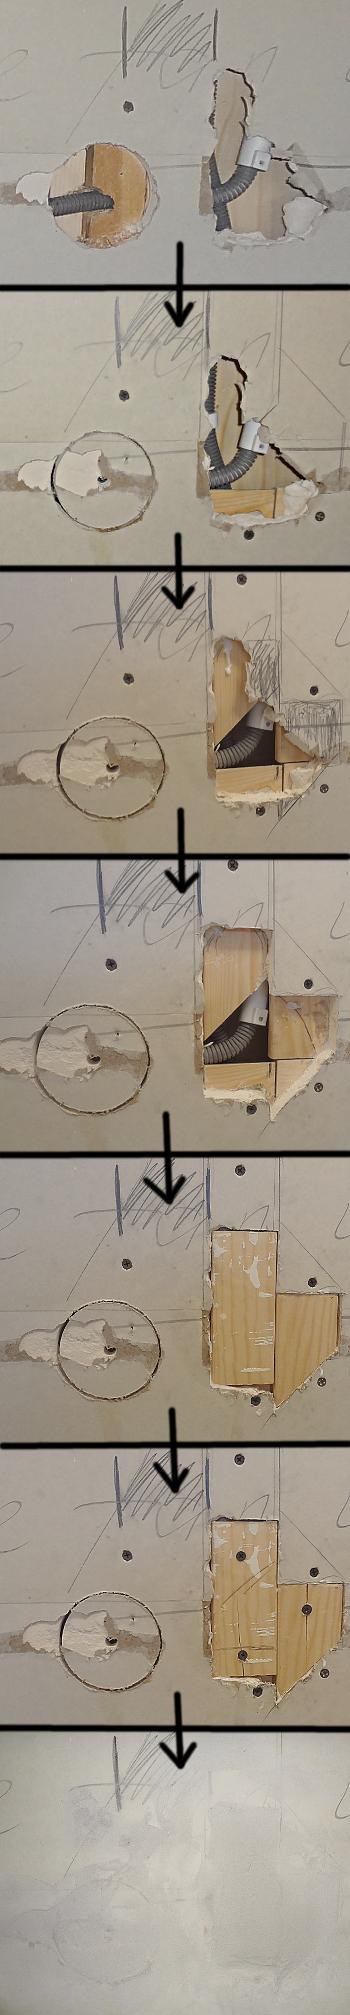 [Bild: EL till IKEA bänkbelysning del 2, en serie som visar hur jag gjorde för att fixa det trasigaste hålet.]